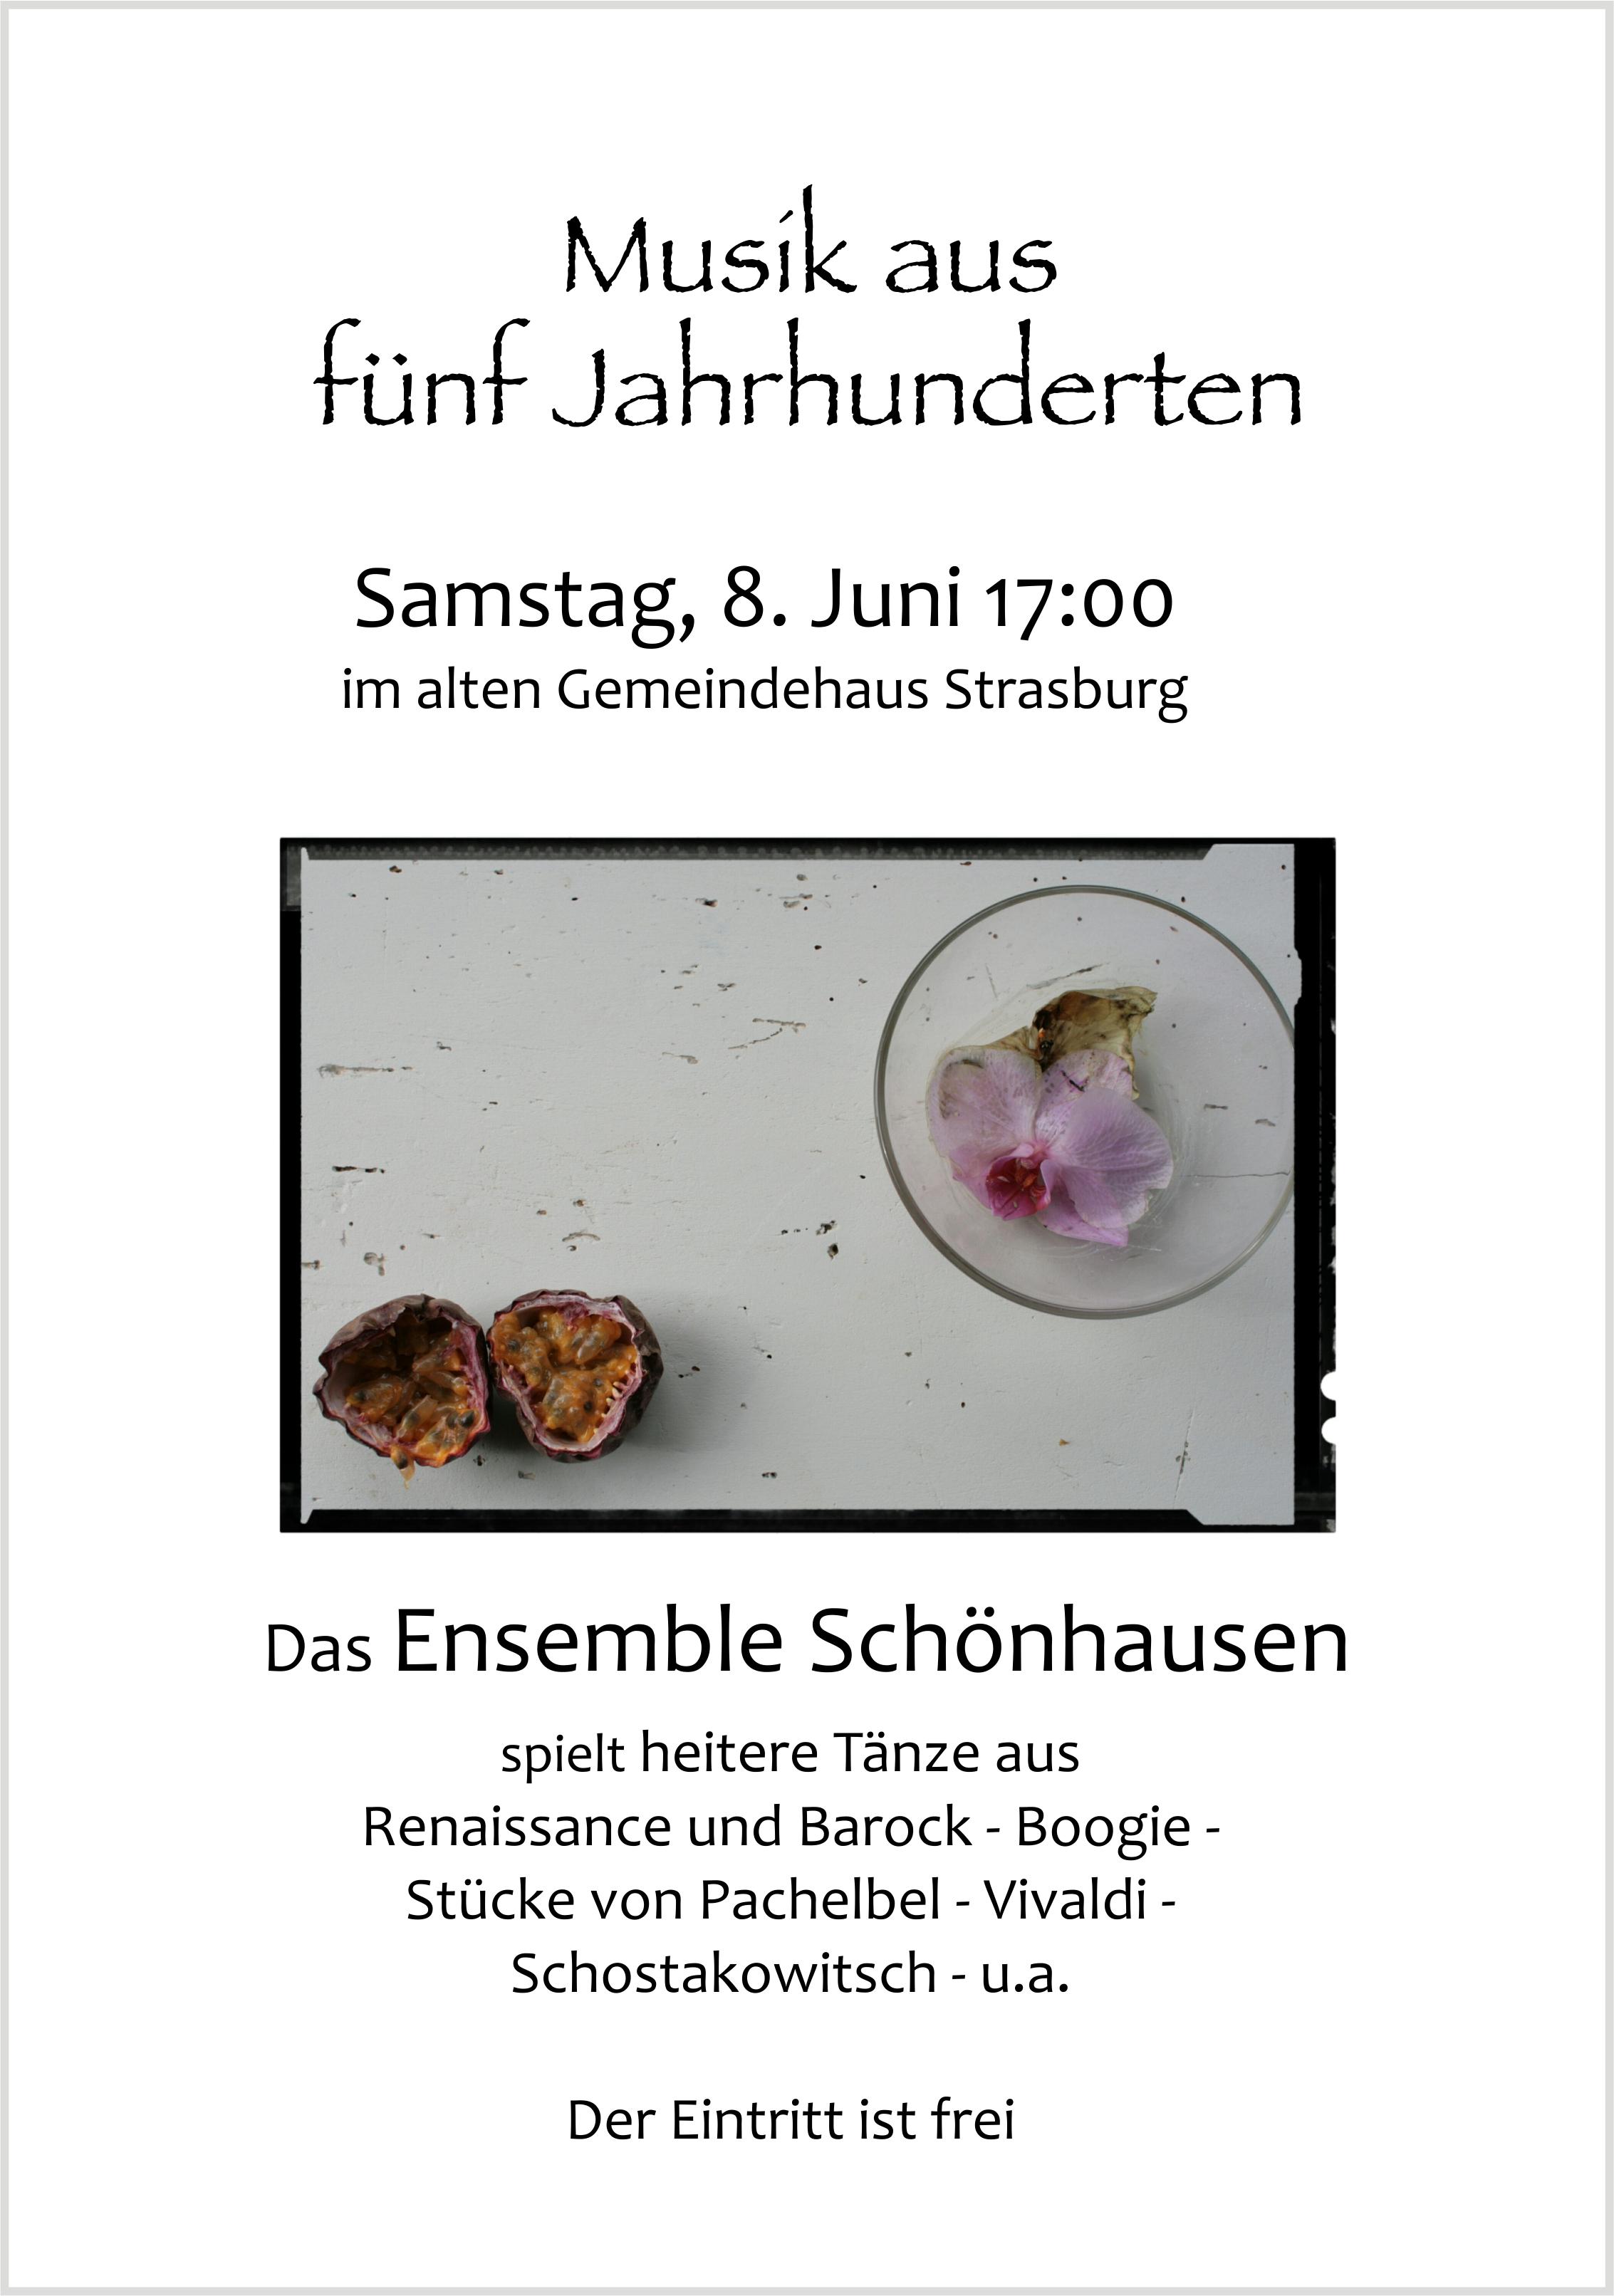 Das Ensemble Schönhausen